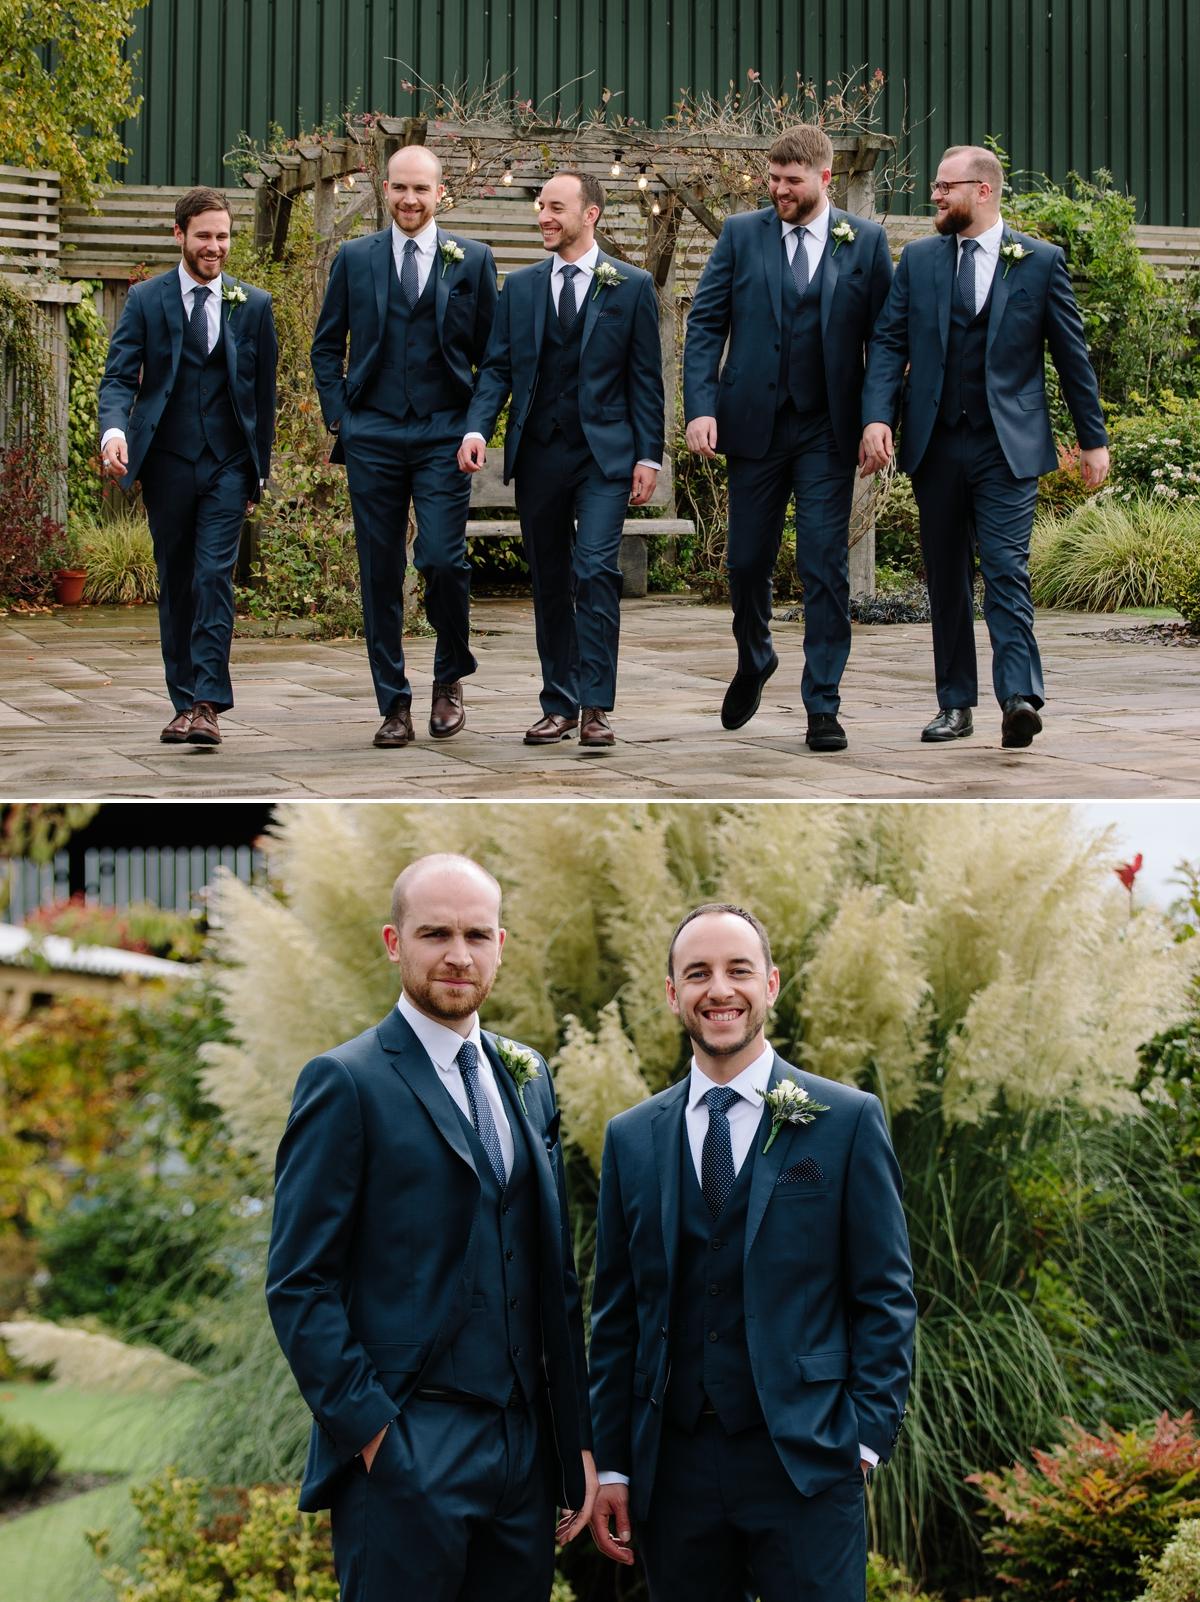 Groom and groomsmen walking to the venue